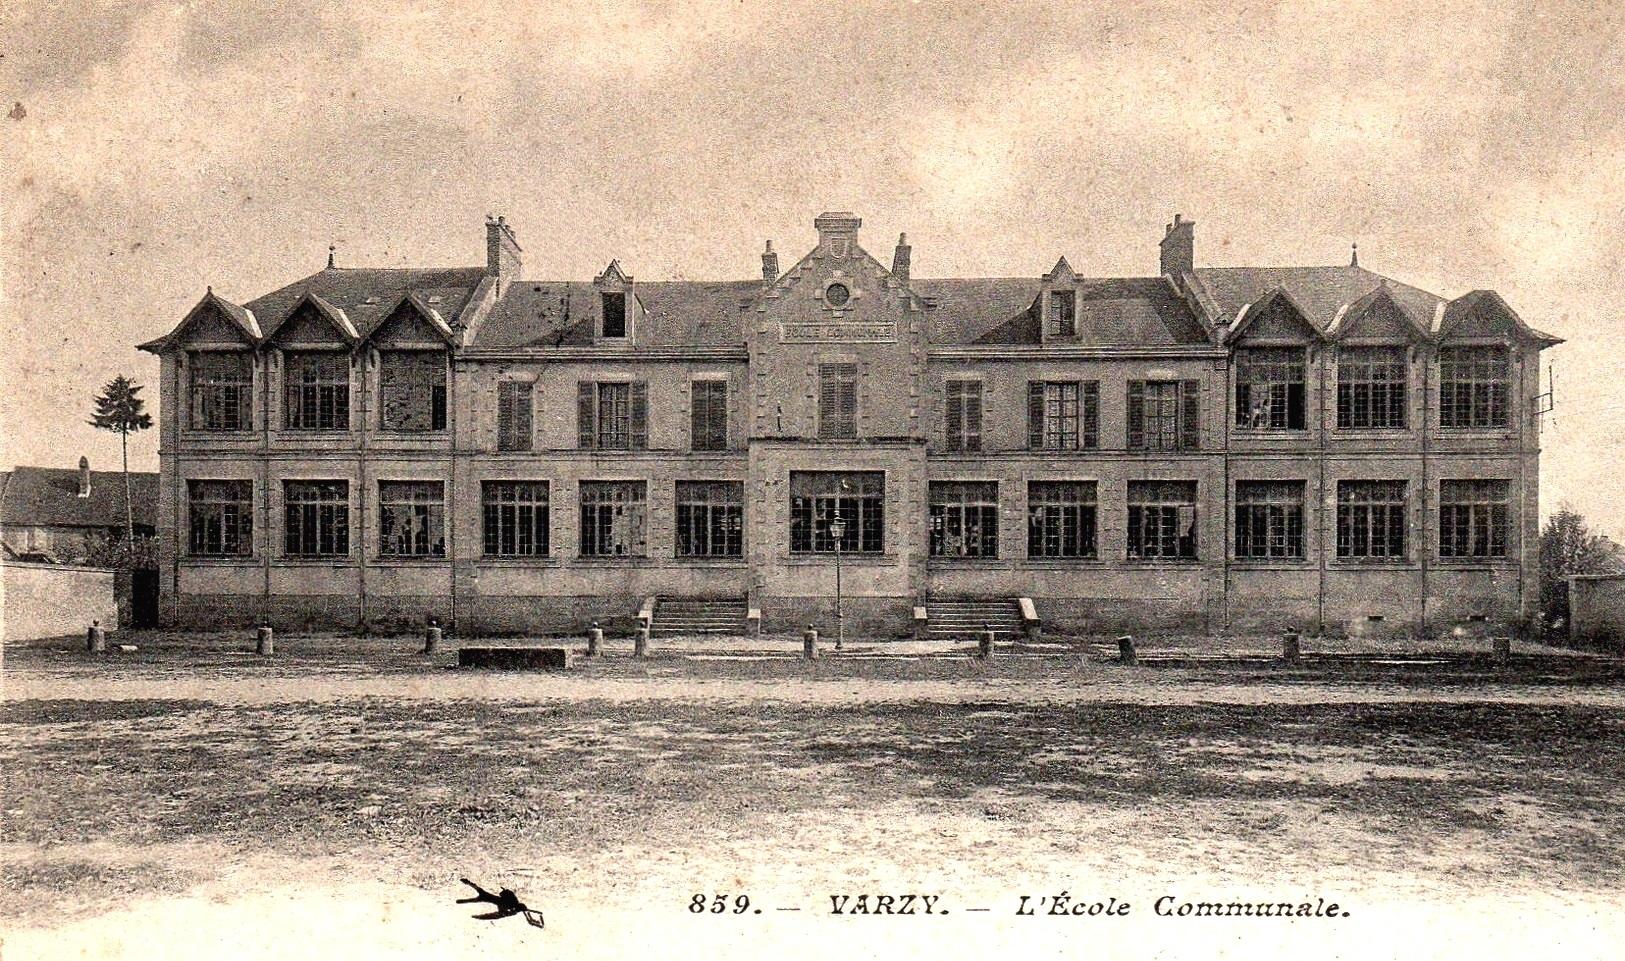 Varzy (Nièvre) L'école communale CPA